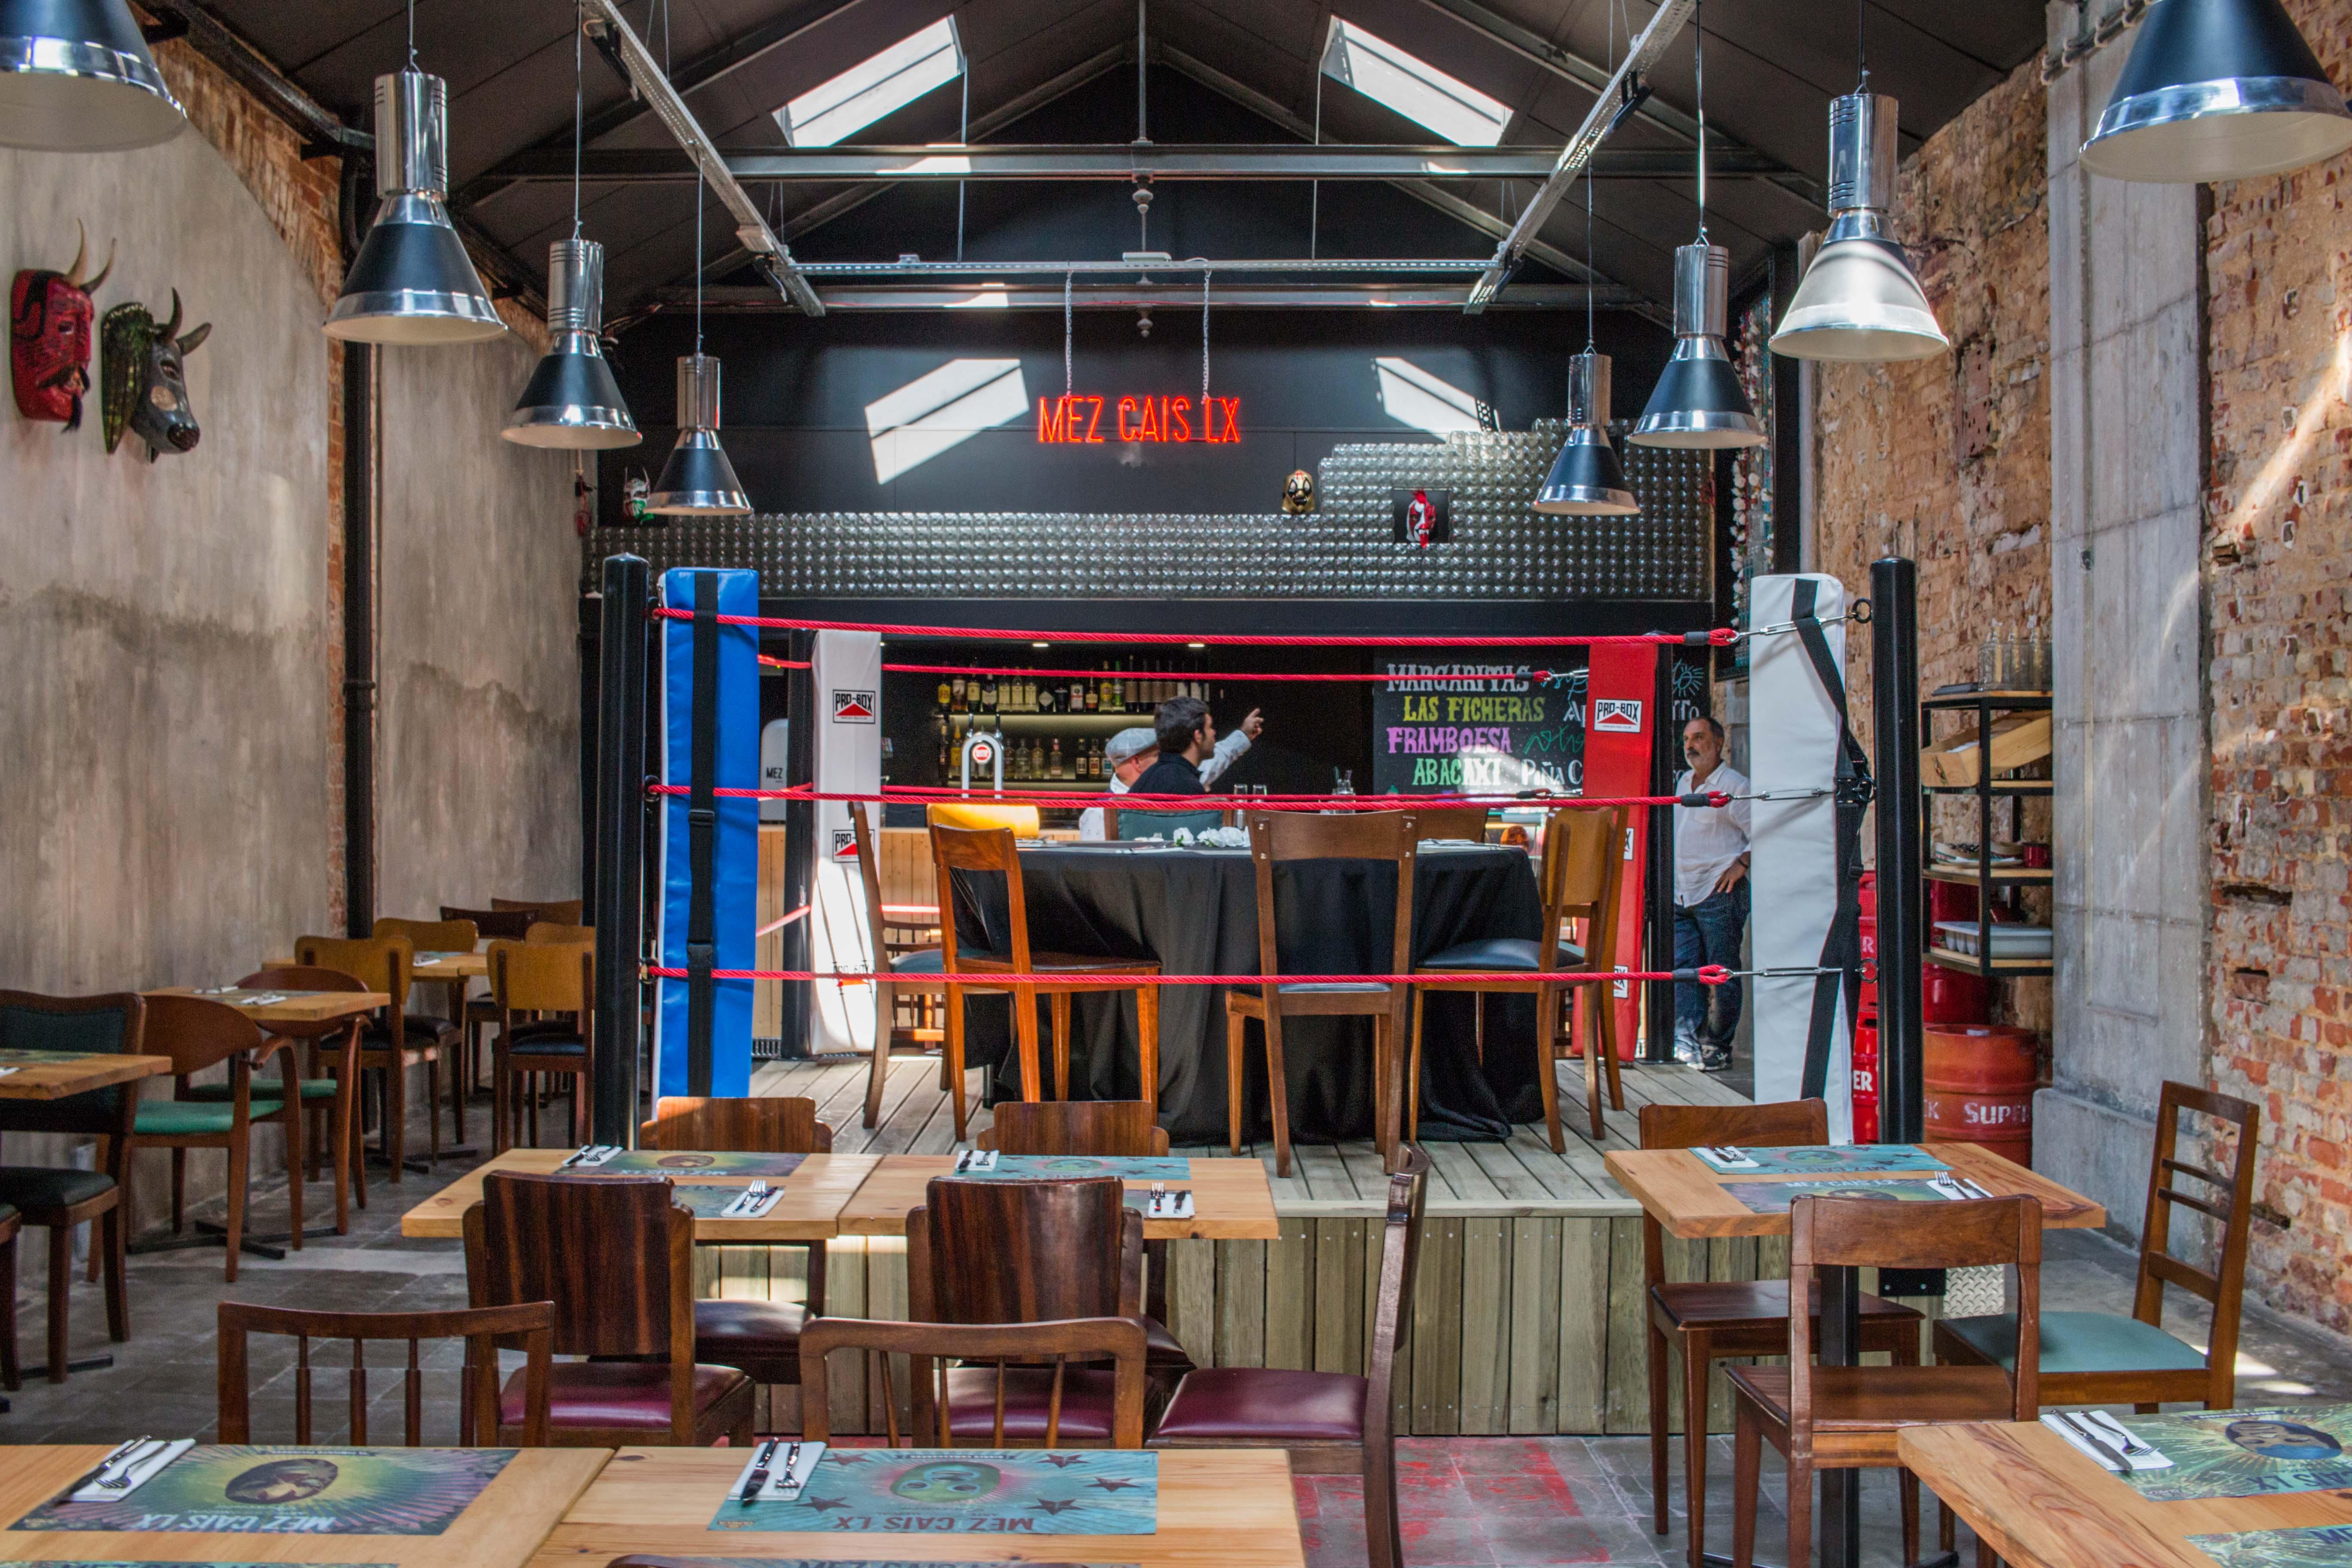 Restaurant Mez Cais Lx